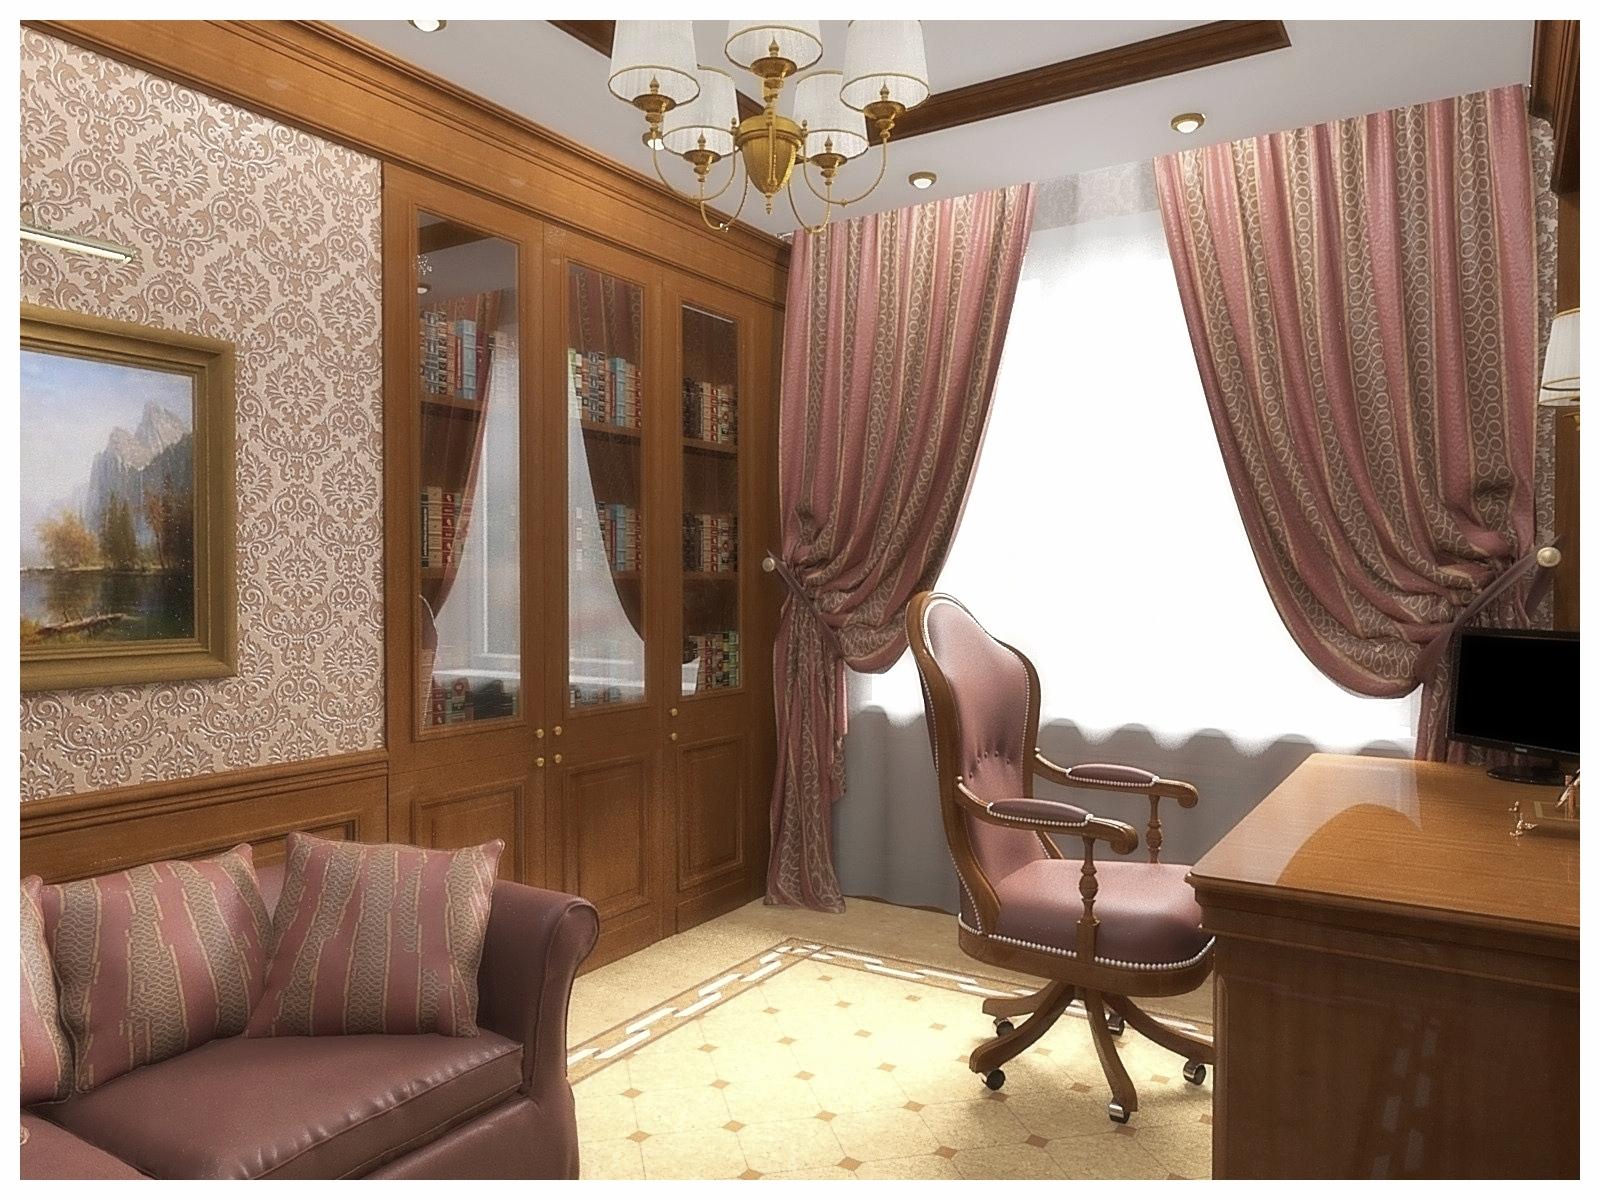 Дизайн интерьеров квартир. Кабинет 1.